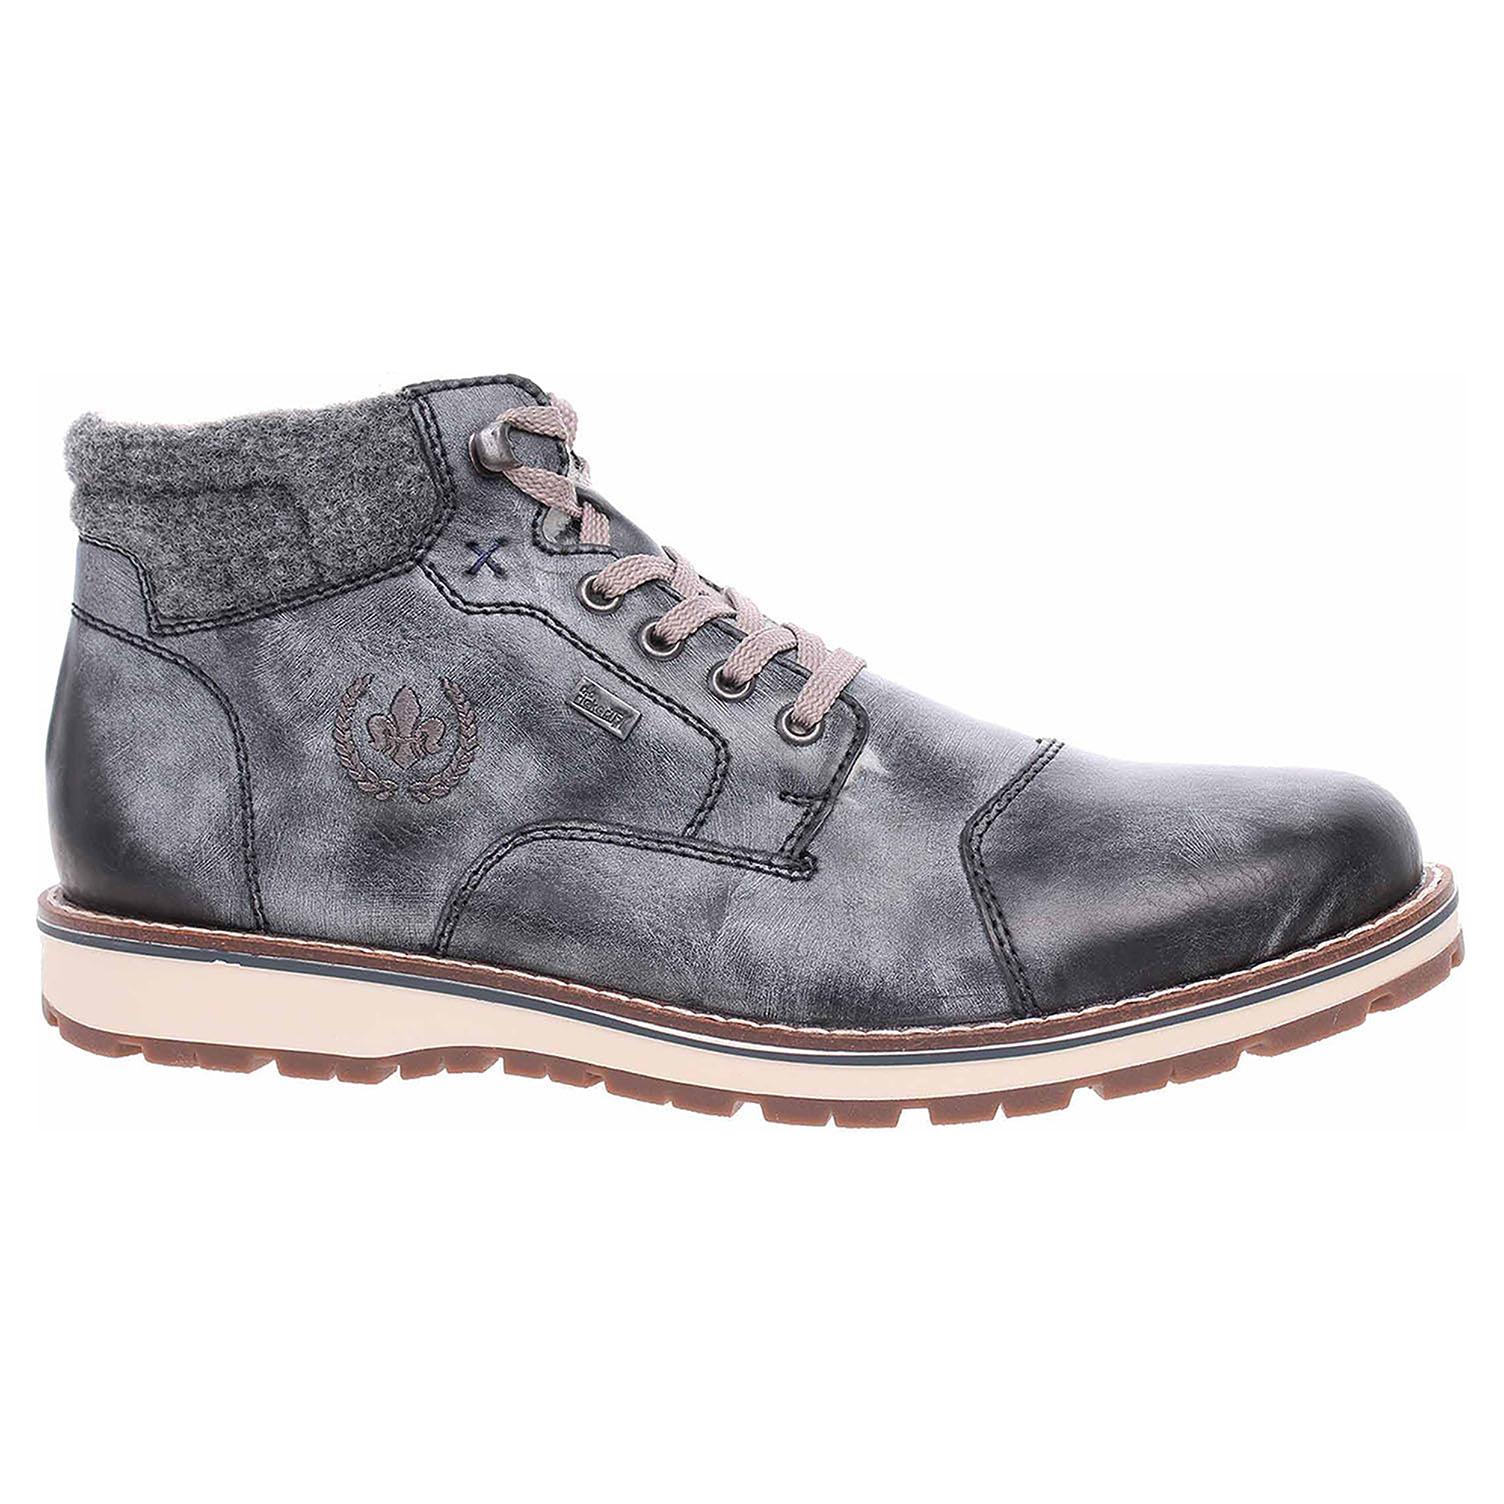 Pánská kotníková obuv Rieker 38400-14 blau 38400-14 45